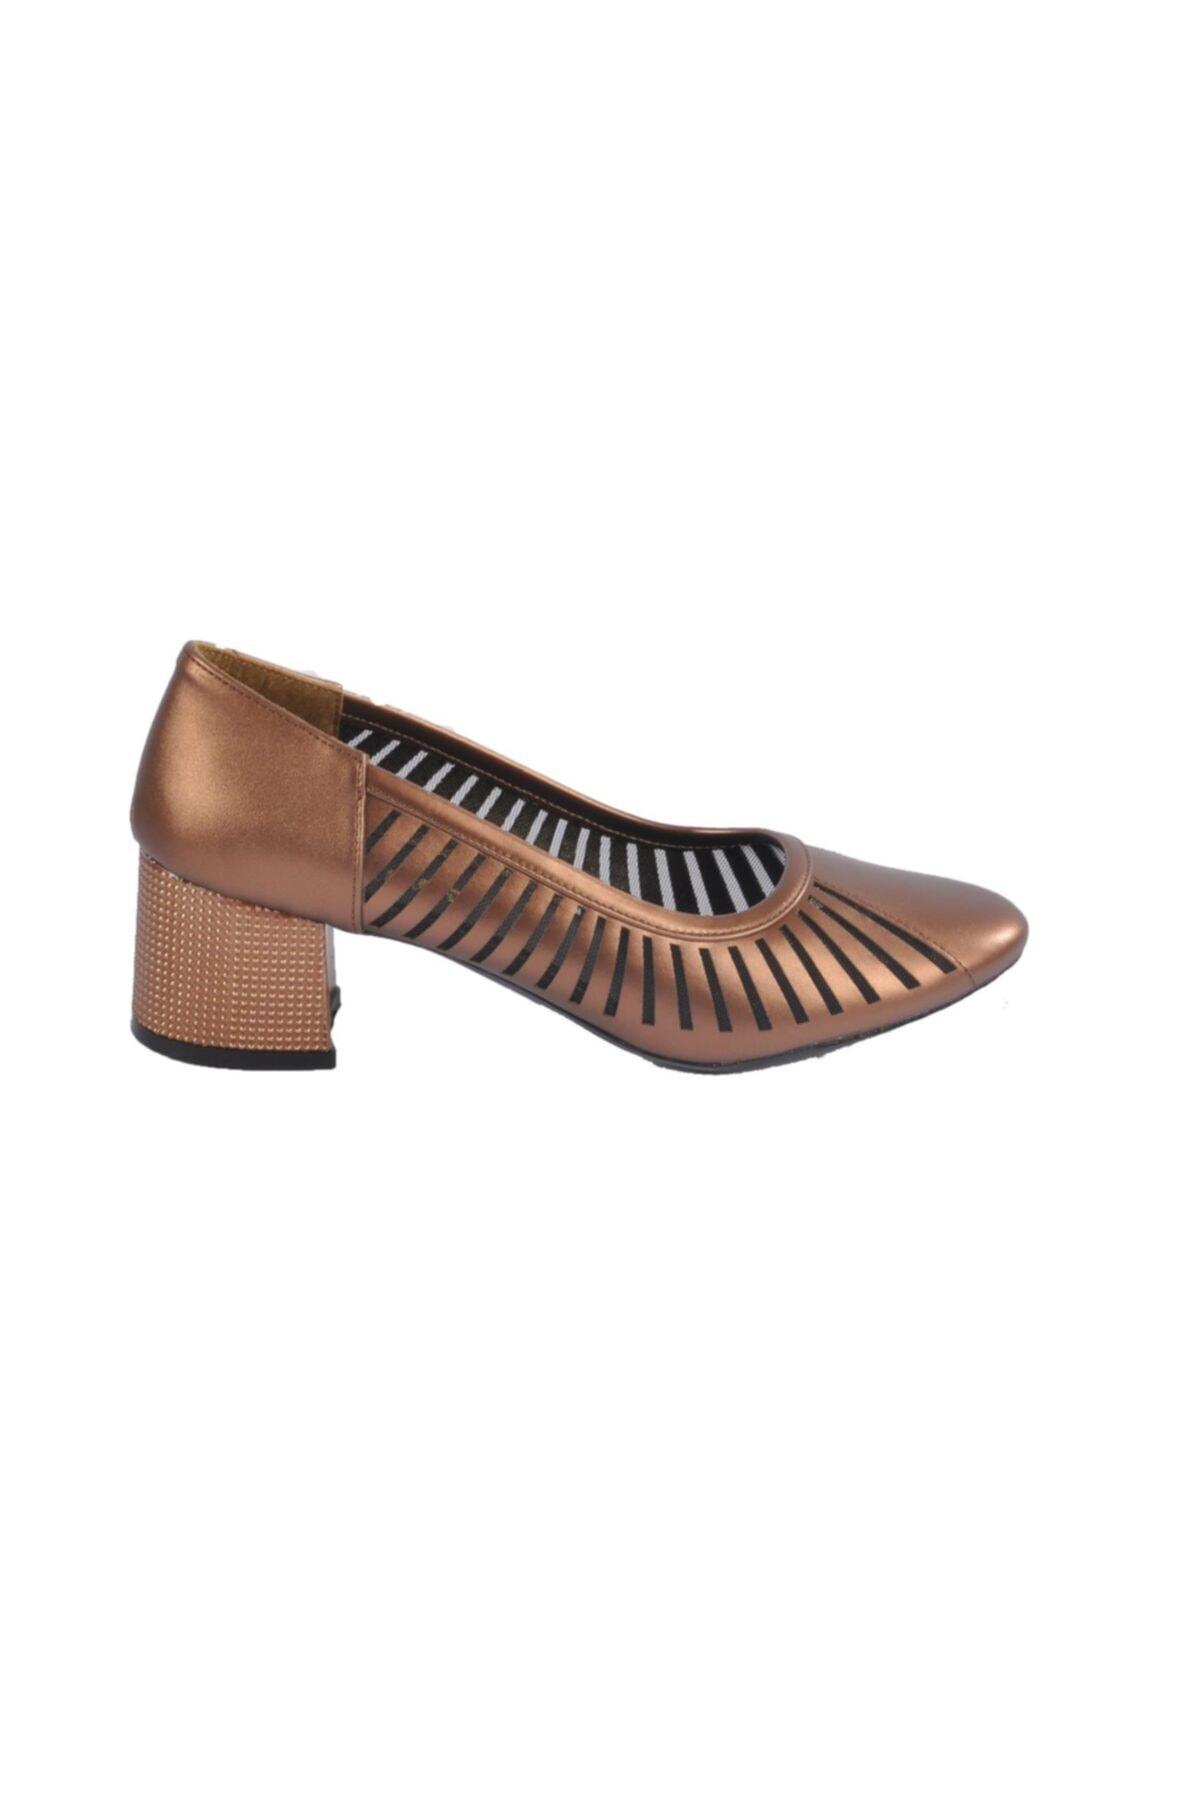 Maje 2127 Bakır Kadın Topuklu Ayakkabı 2